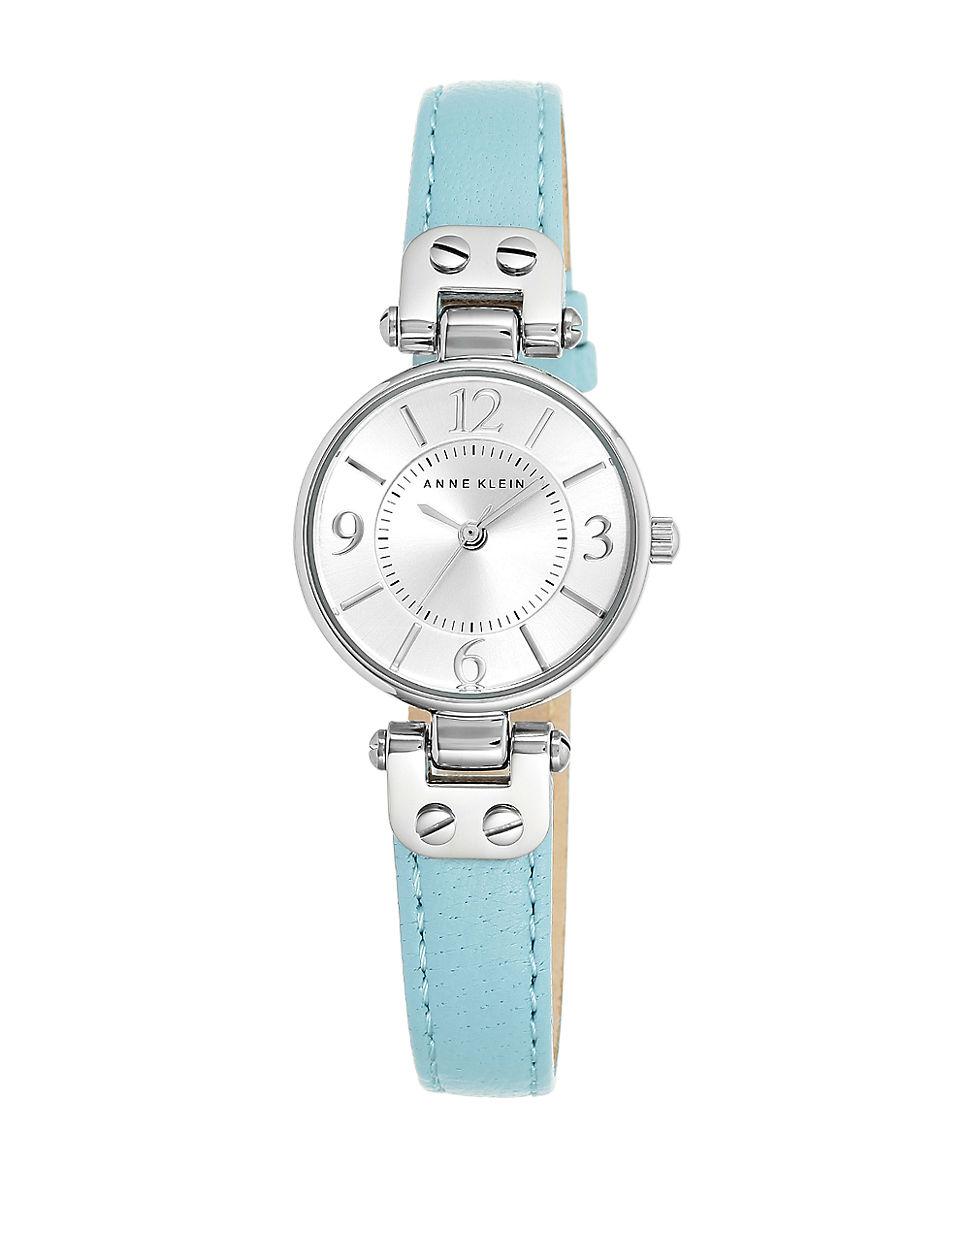 Lyst Anne Klein Round Silvertone Leather Strap Bracelet Watch In Blue Fossil Idealist Silver Es4194 Gallery